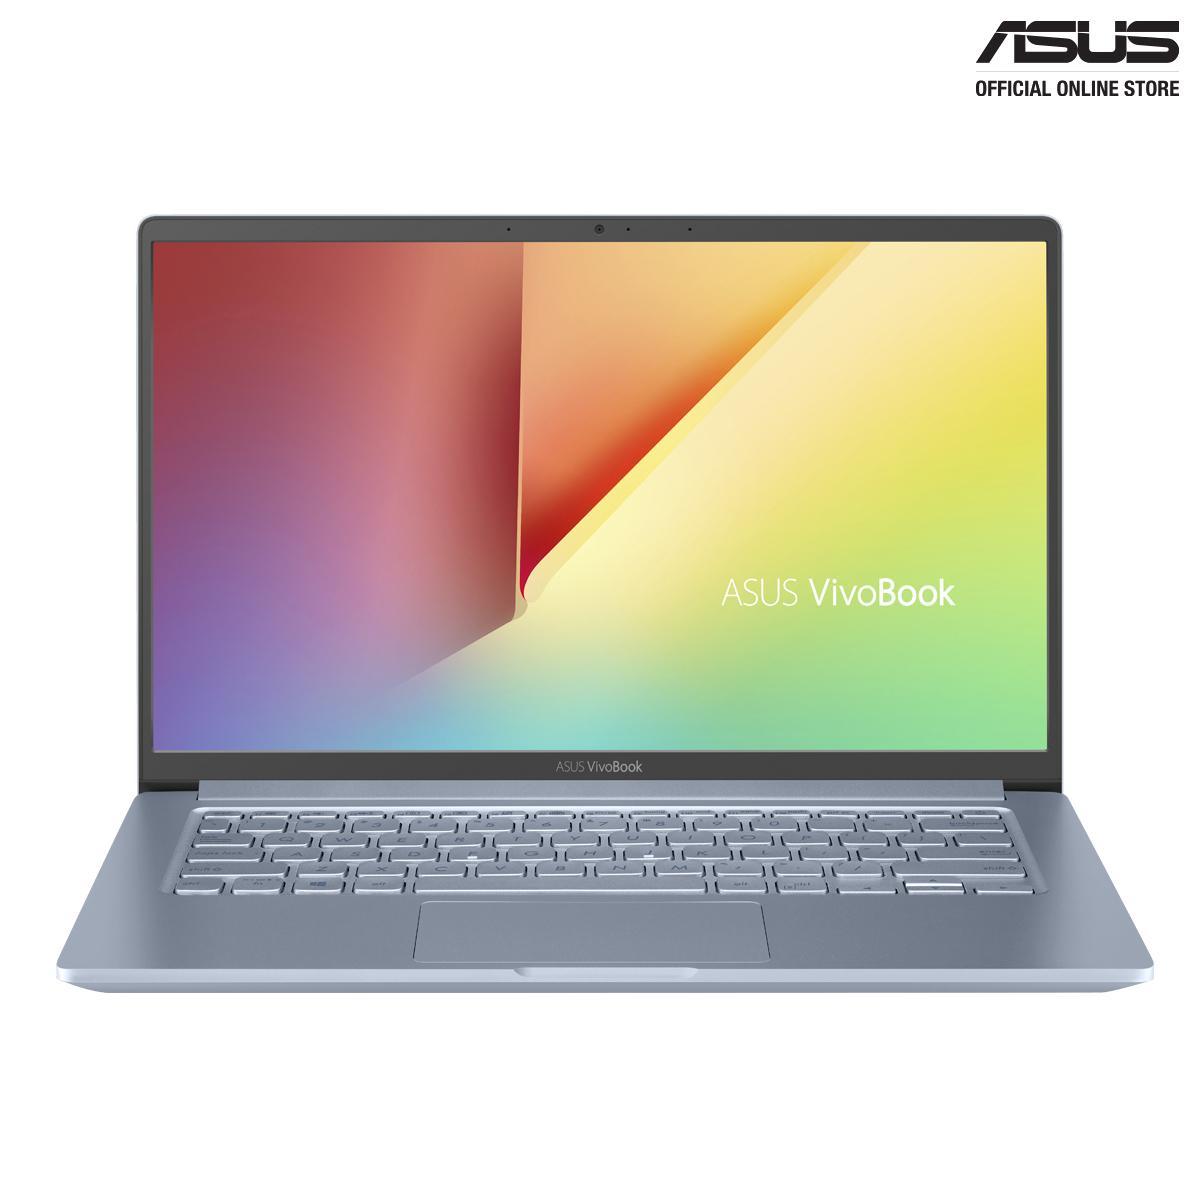 ASUS Vivobook S14 Z403FA-EB077T (Silver Blue)